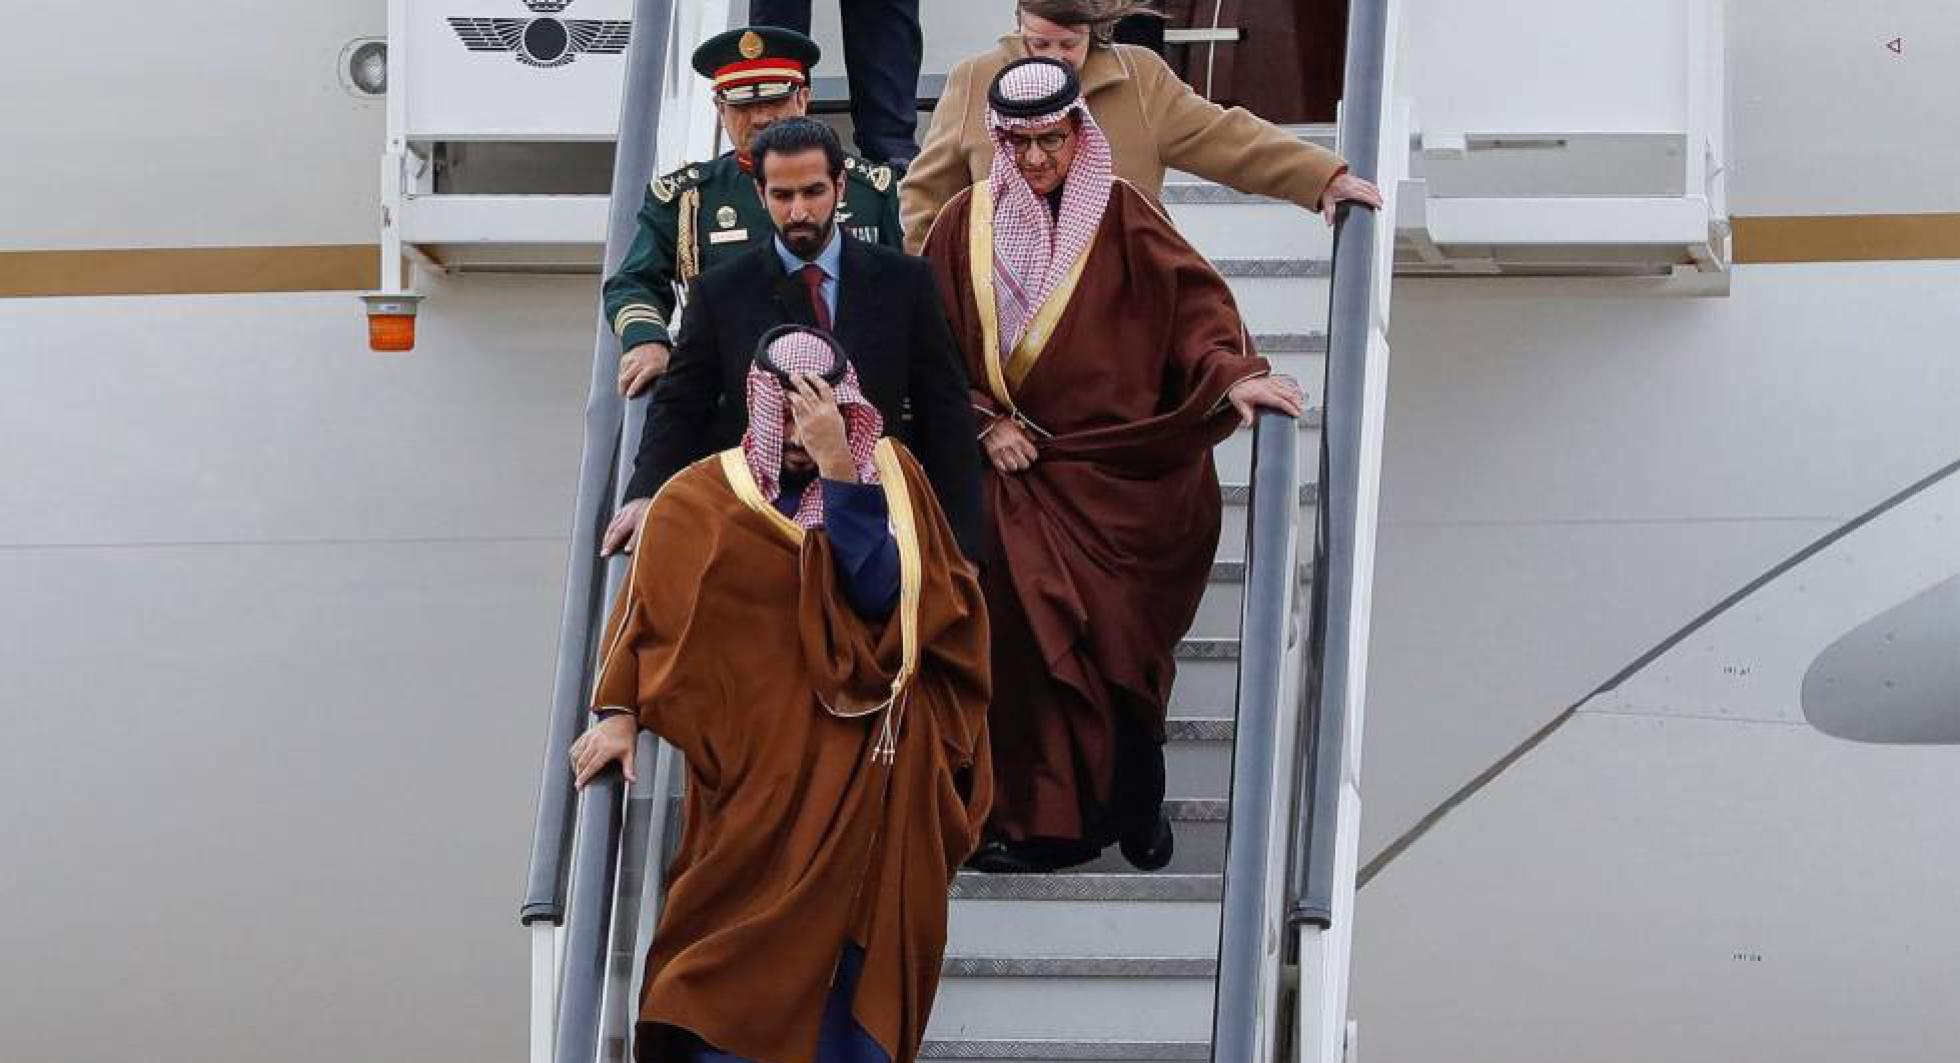 España y Arabia Saudí refuerzan su cooperación militar 1531321647_736026_1531322235_noticia_normal_recorte1